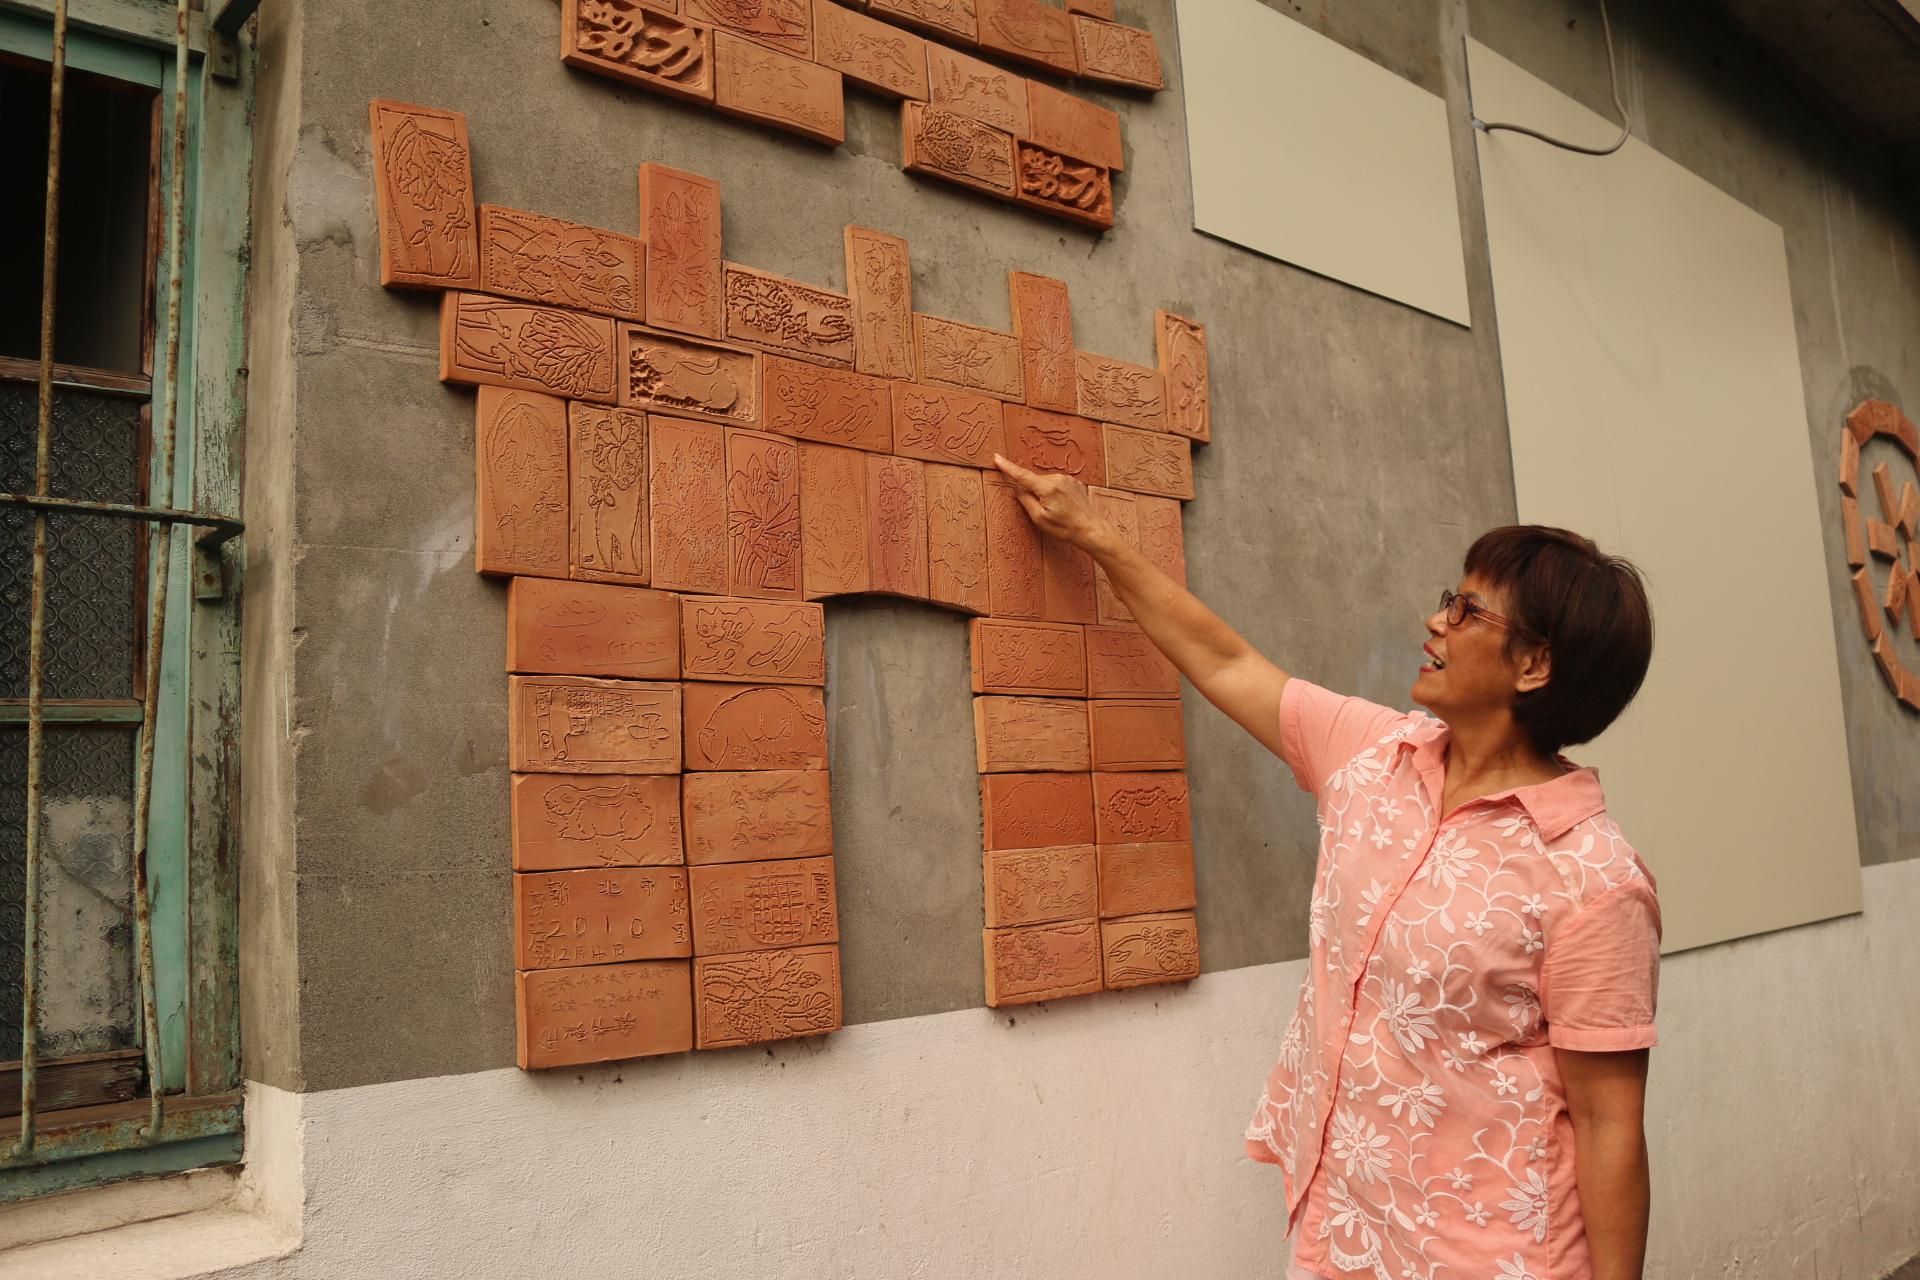 社區發展協會前理事長賴素珍女士講解,社區磚雕裝置藝術的背後故事。攝影/劉建佑